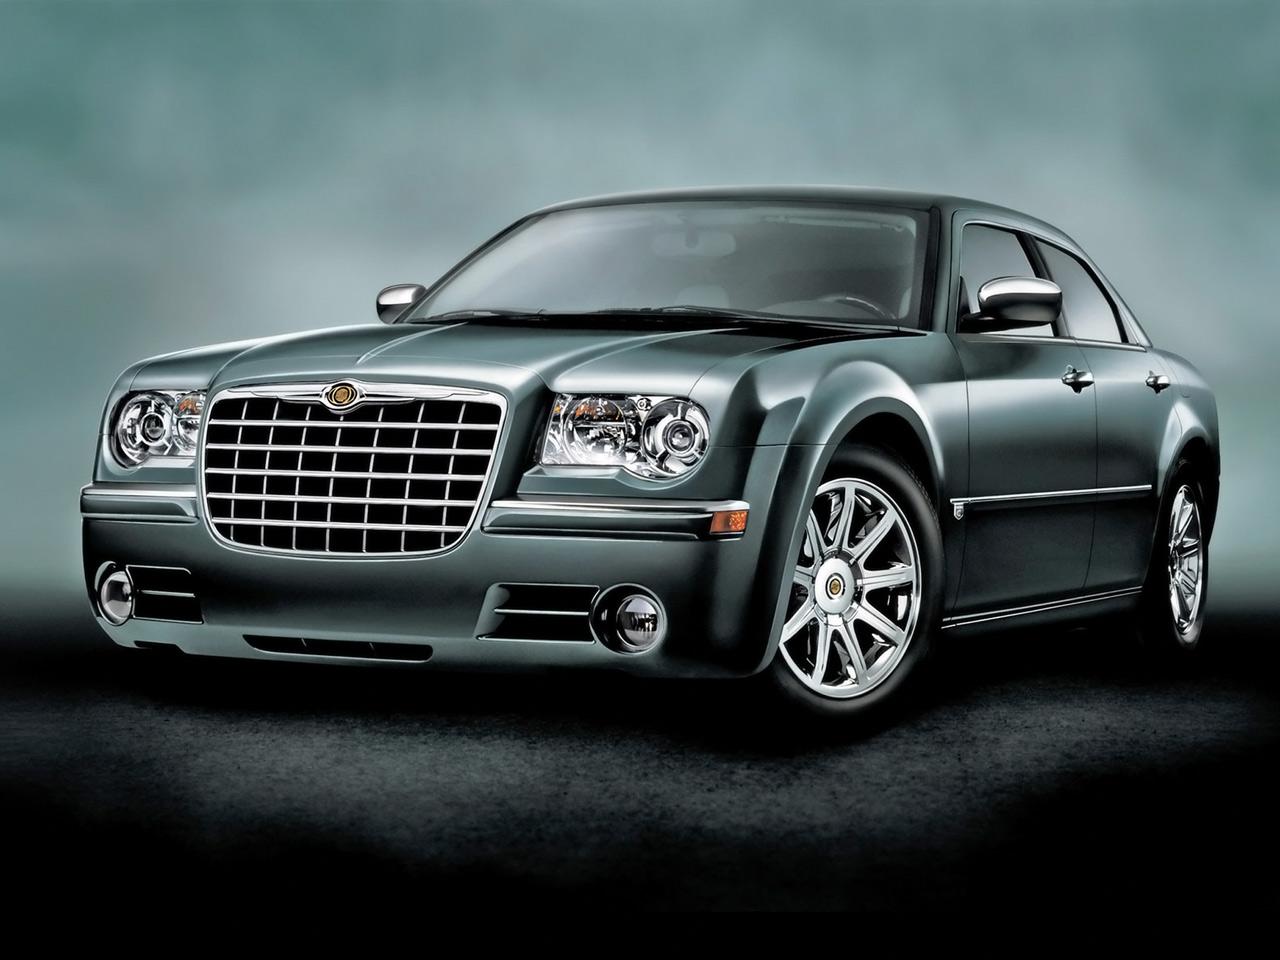 http://1.bp.blogspot.com/_4AqzTcaB9oY/TGhzKp7M-HI/AAAAAAAAAD8/5YPr_NzeYbw/s1600/Chrysler_300_SRT-8,_Touring_Sedan.jpg